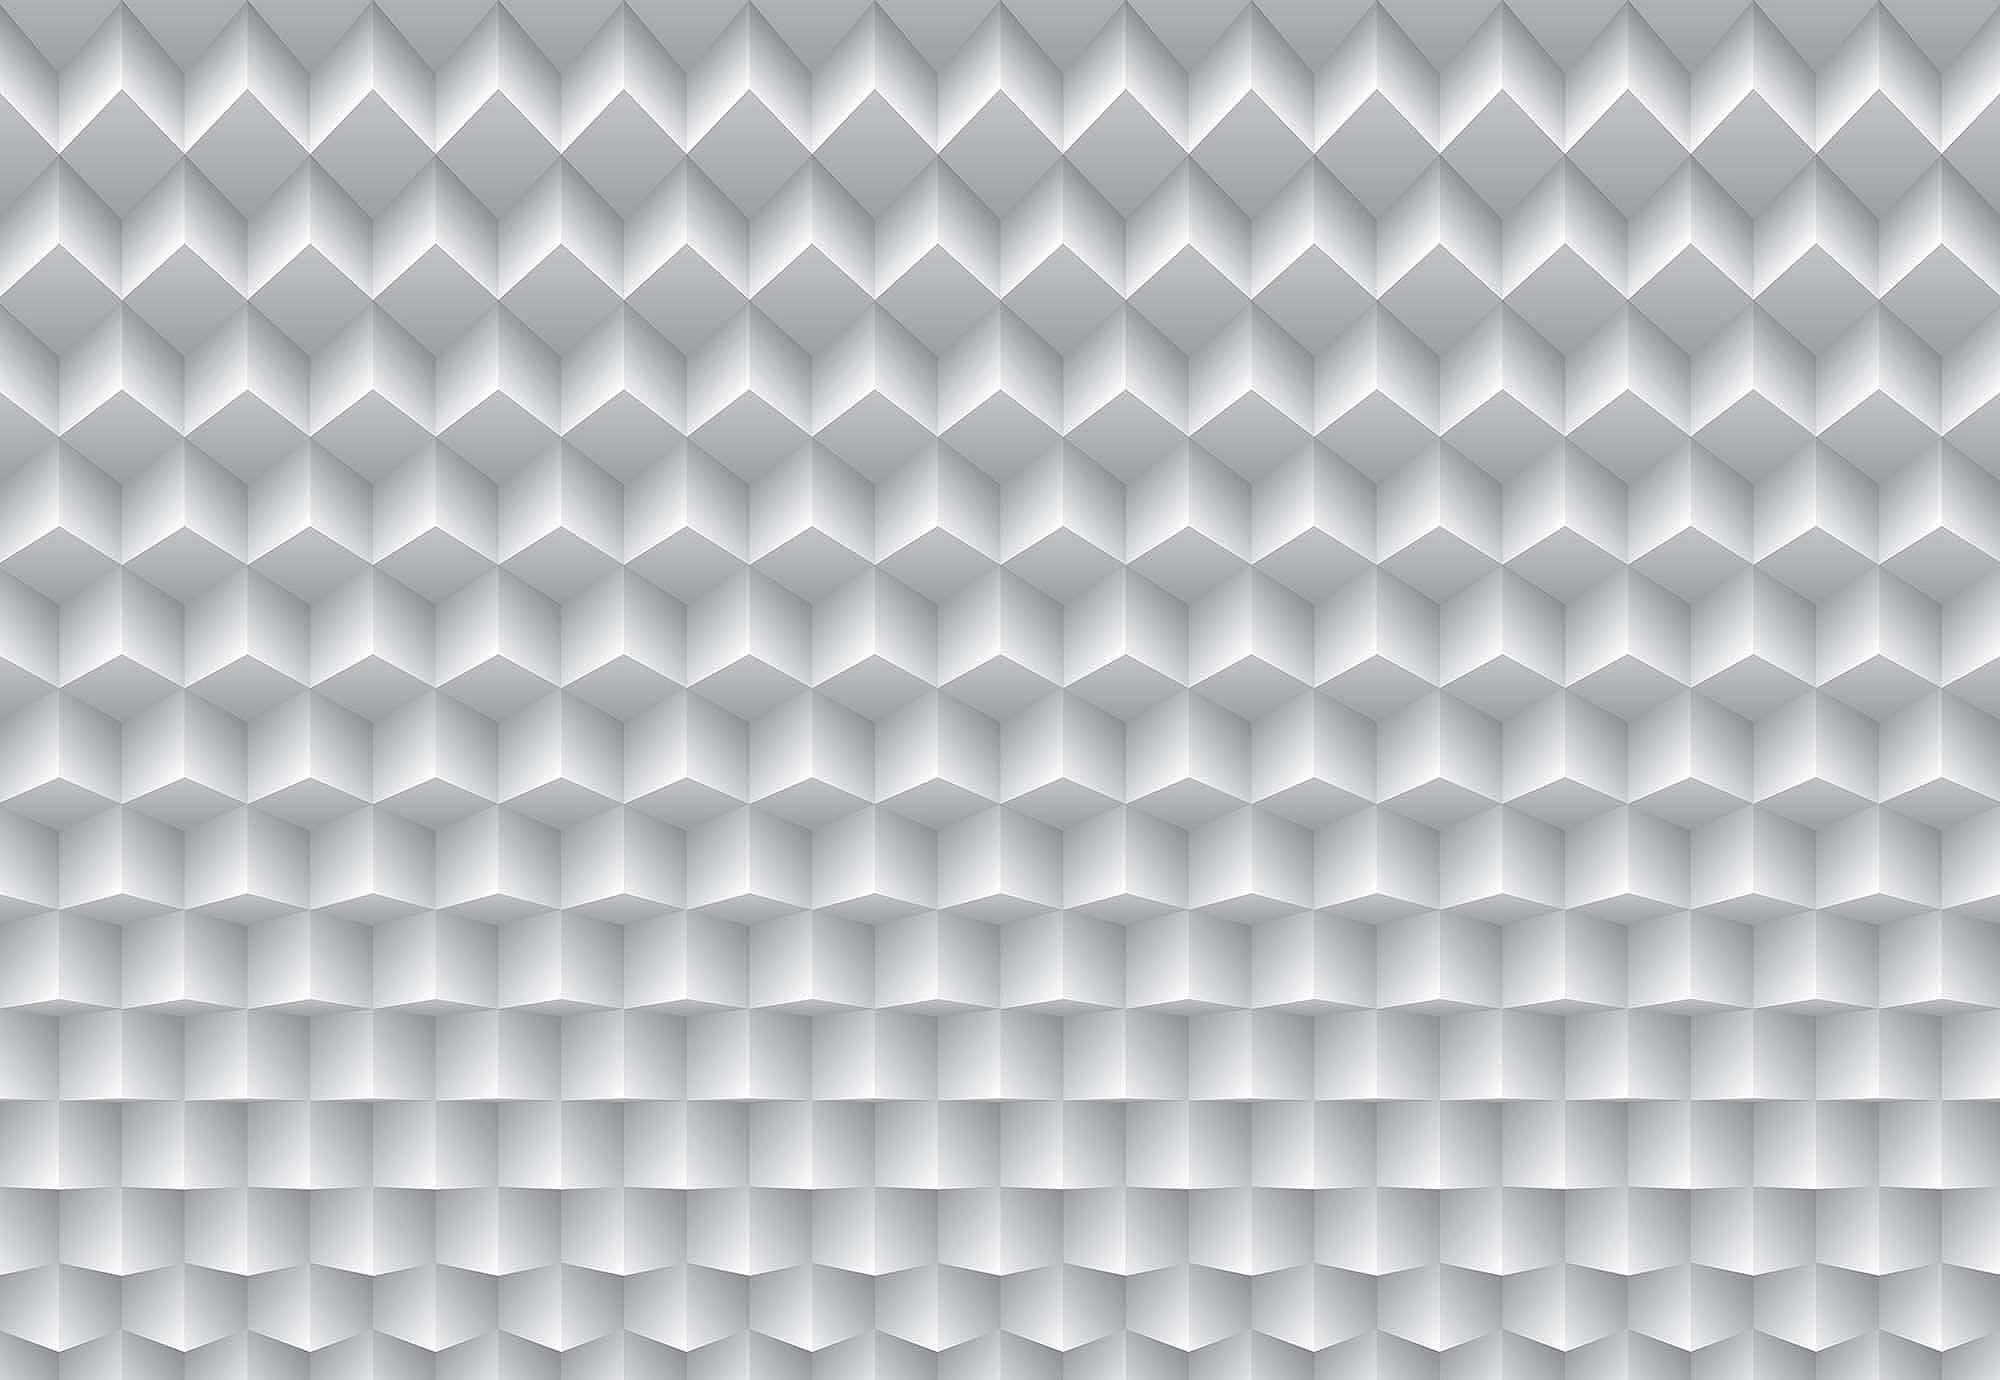 Fali poszter 3D hatású modern szürke geometriai mintás